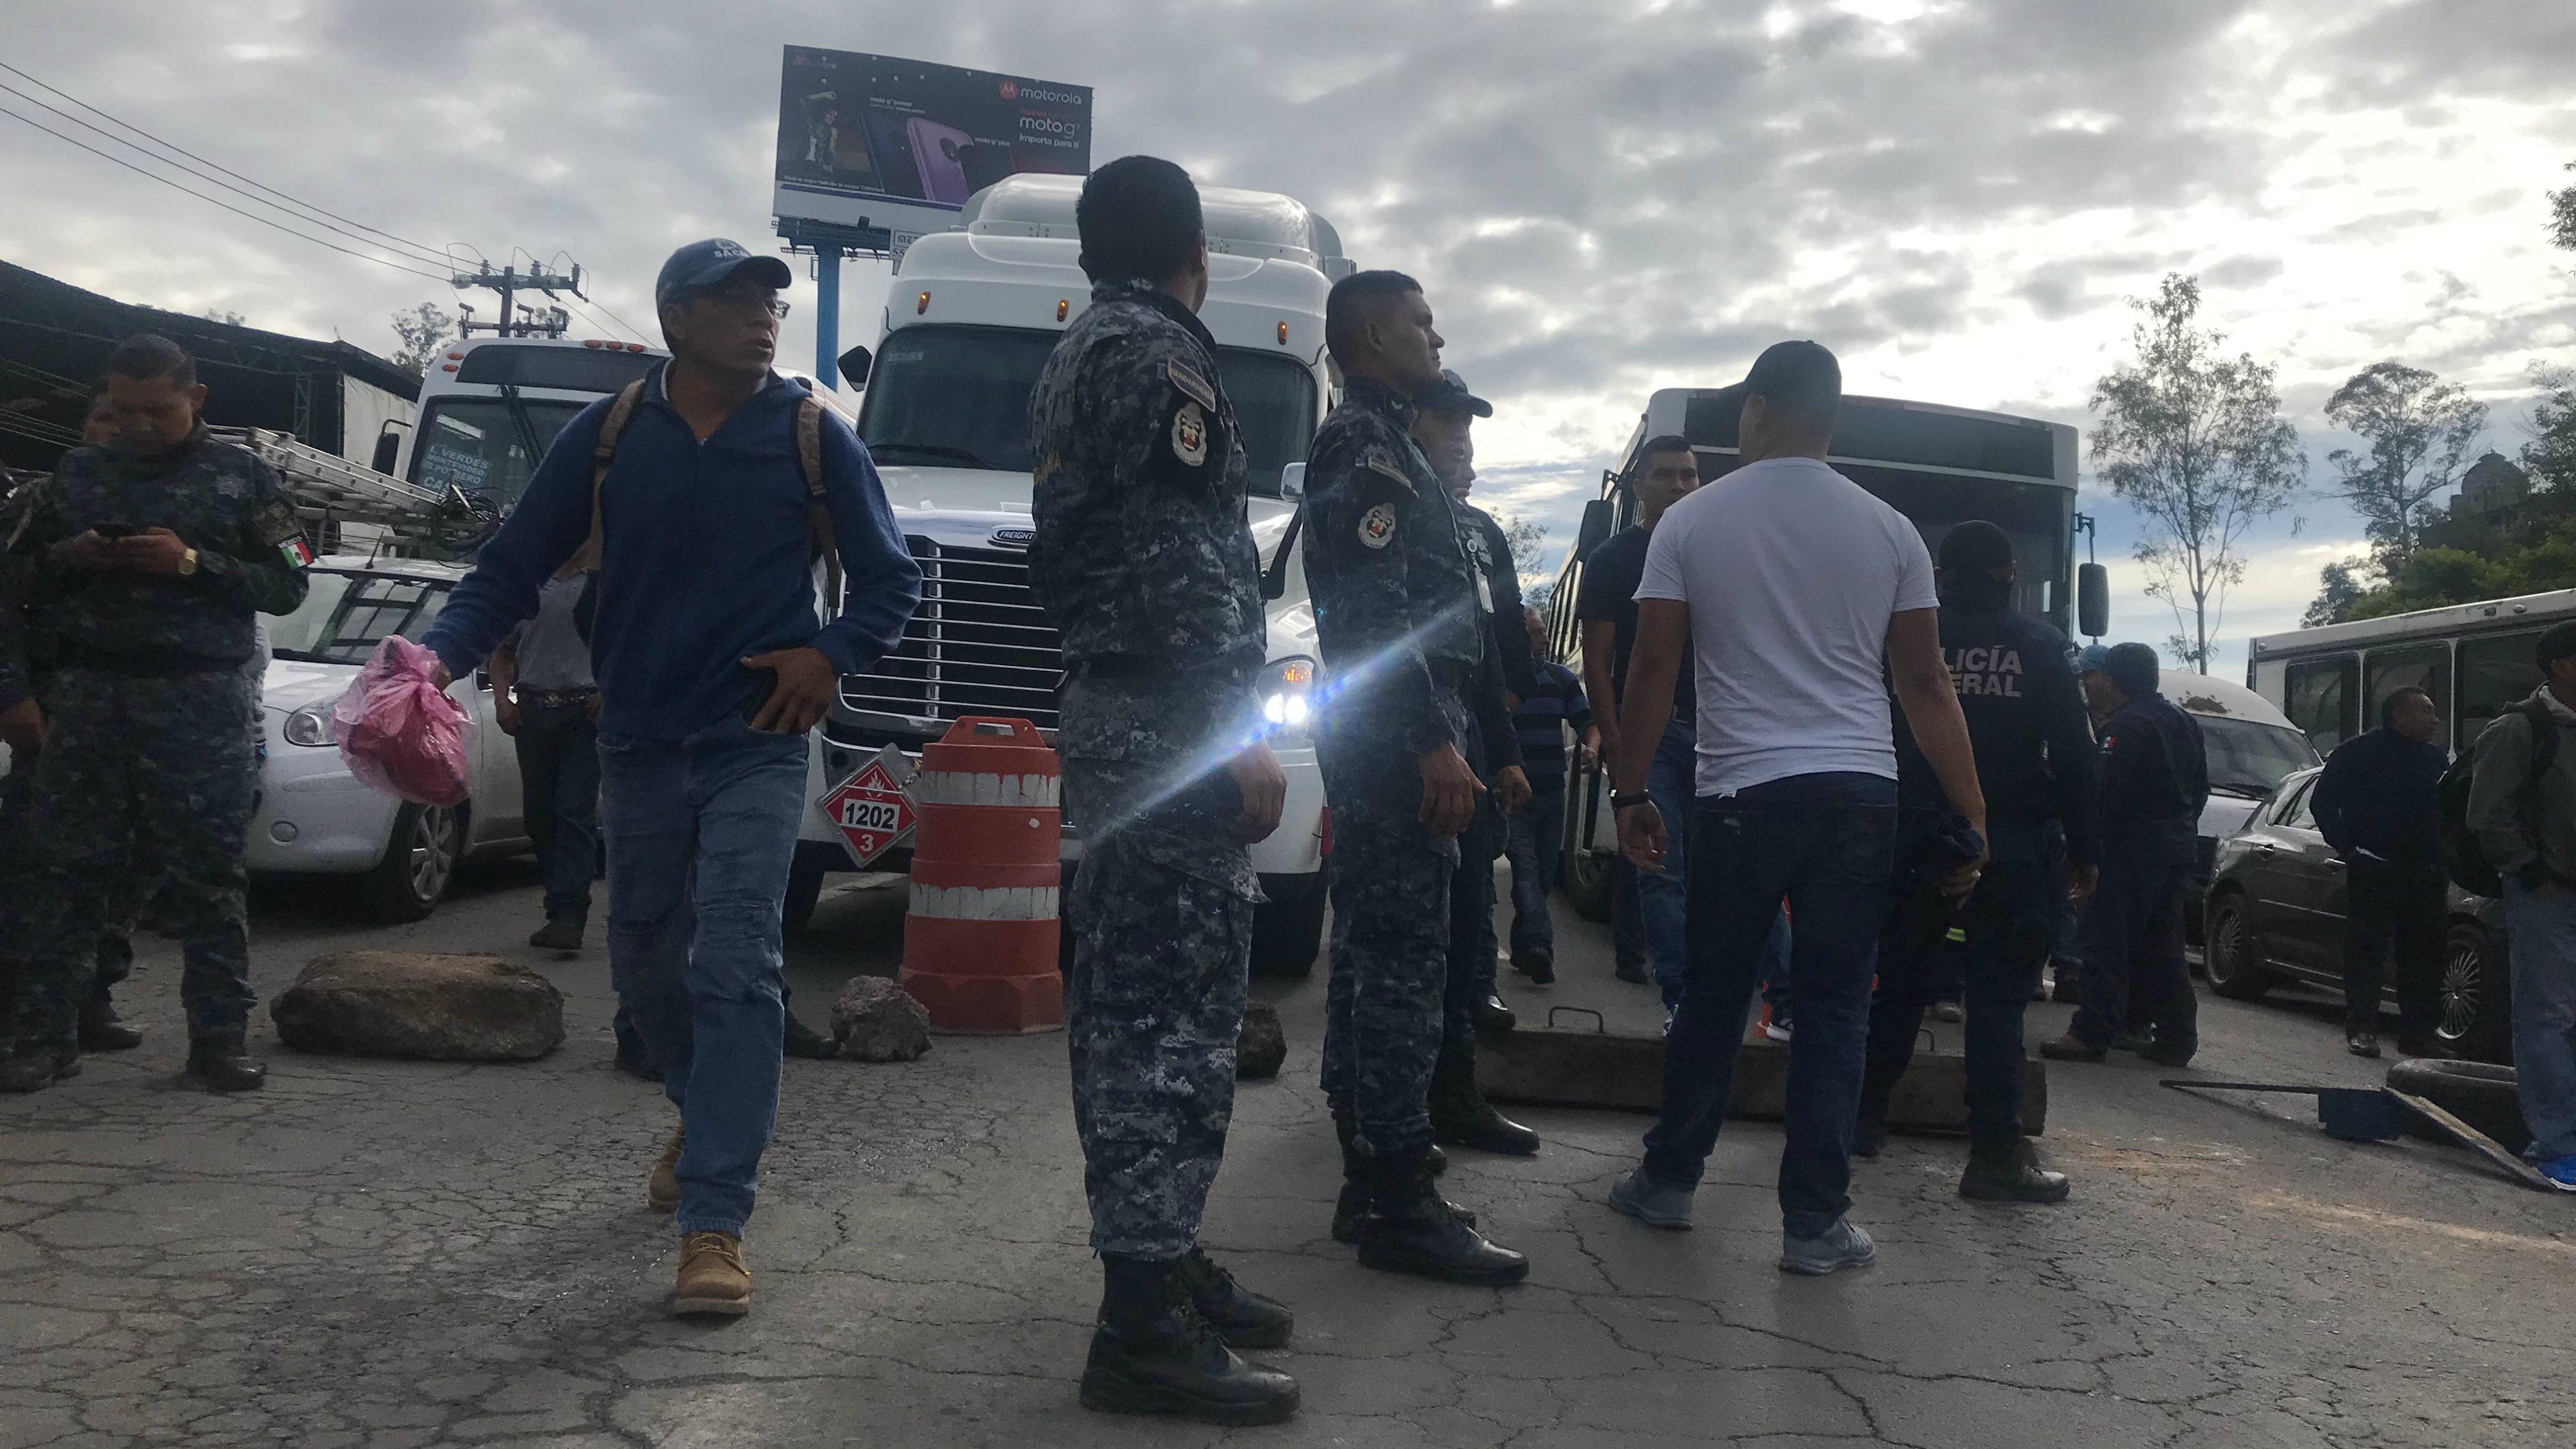 policia federal guardia nacional bloqueo cdmx edomex